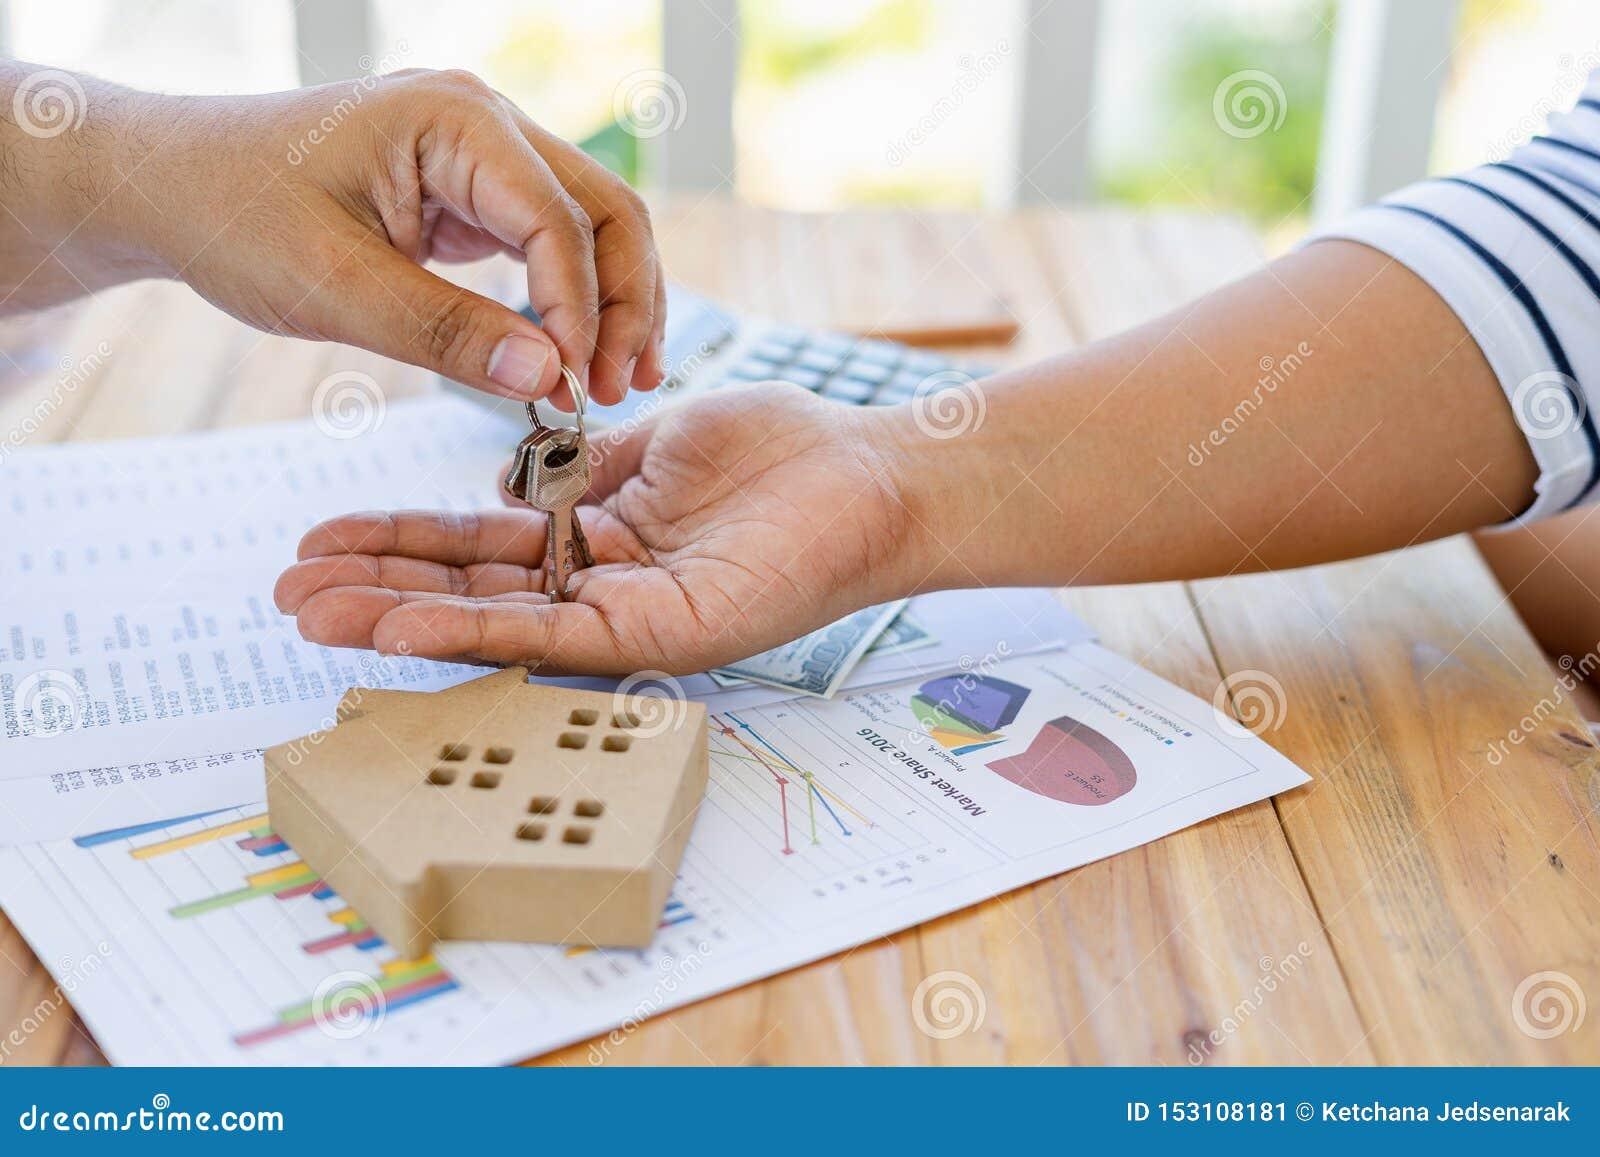 Biznes pożyczanie pieniądze kupować dom z pieniężnymi dokumentami i opodatkowywać inspekcje od konsultanta gdy sprawdzać